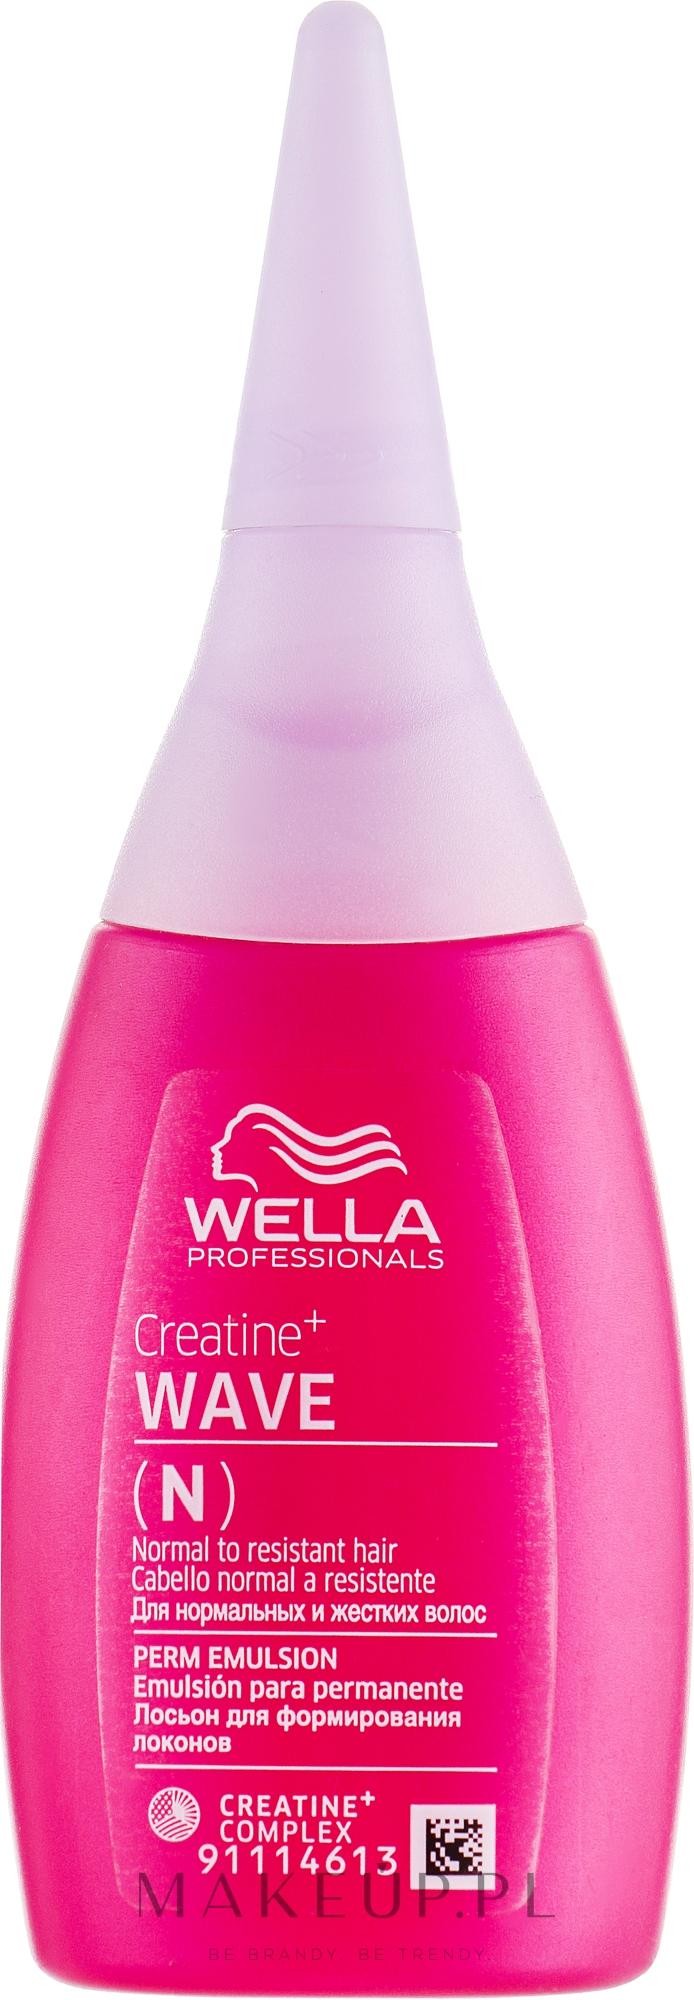 Płyn do trwałej ondulacji do włosów normalnych i opornych na skręt - Wella Professionals Creatine+ Wave N Perm Emulsion — фото 75 ml